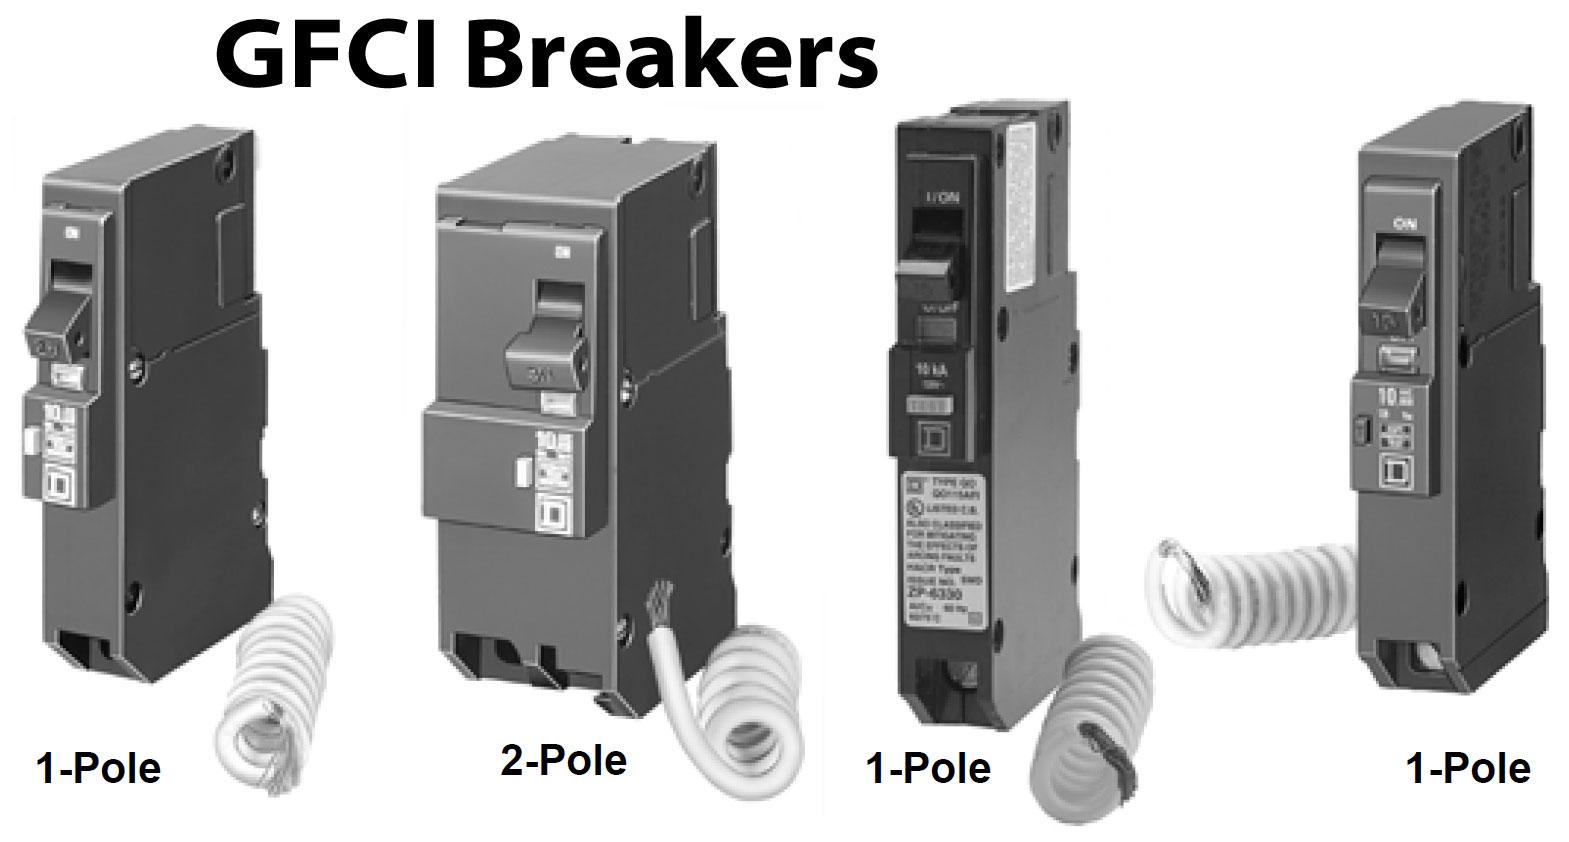 Wiring Diagram For A Gfci Breaker | Manual E-Books - Gfci Breaker Wiring Diagram